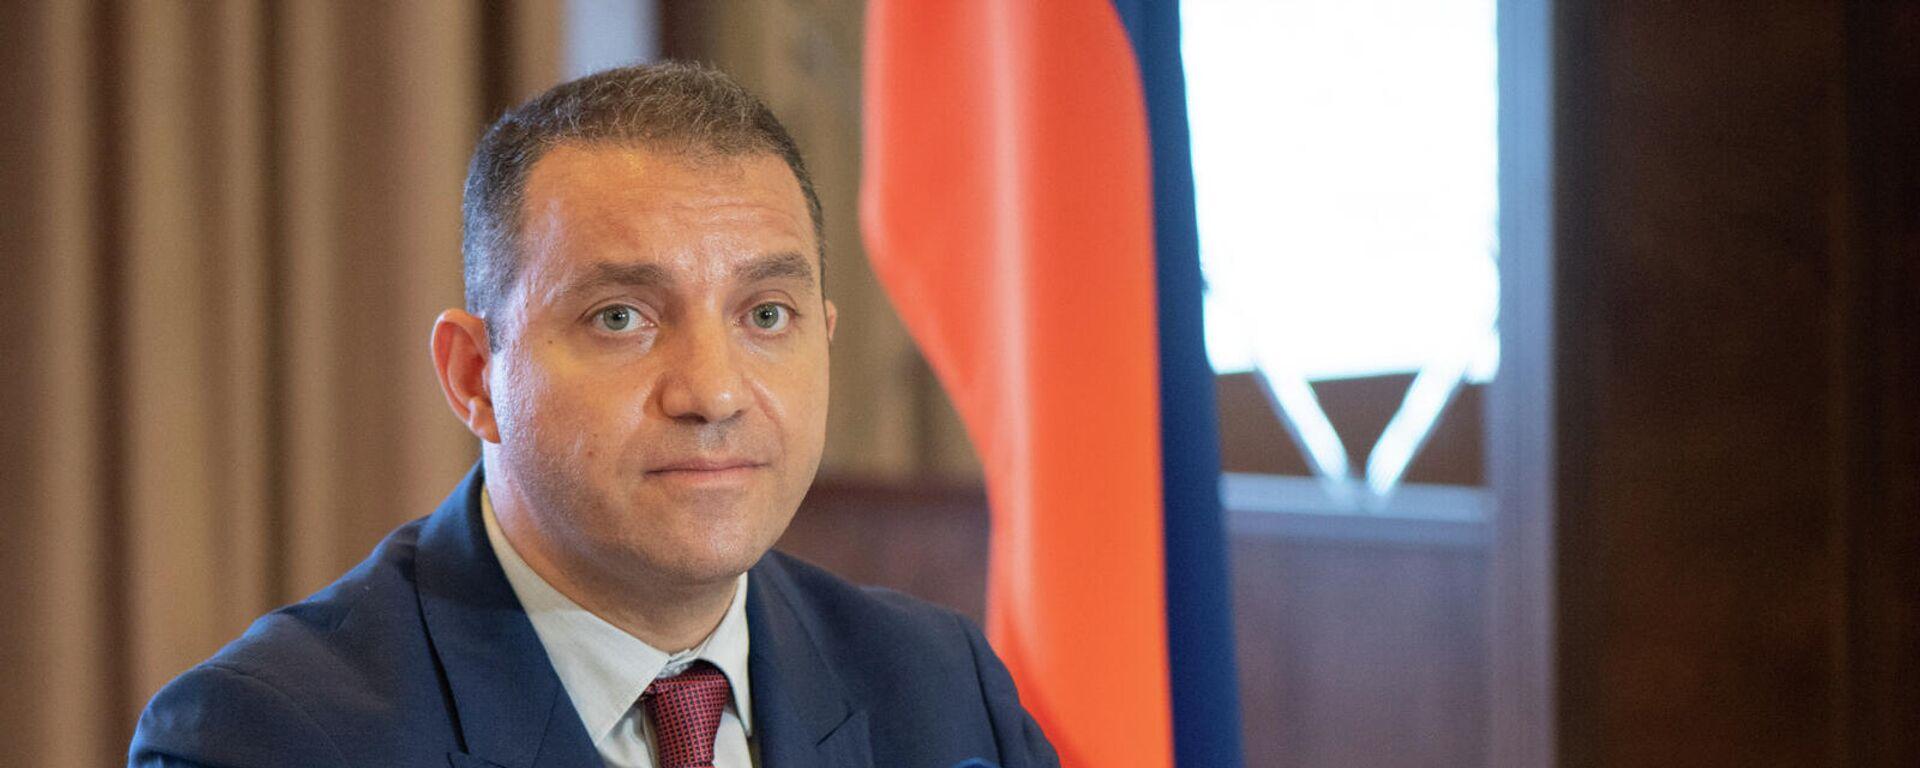 Հայ-ուկրաինական միջկառավարական հանձնաժողովի նիստը (2021թ․ սեպտեմբերի 14), Երևան - Sputnik Արմենիա, 1920, 16.09.2021